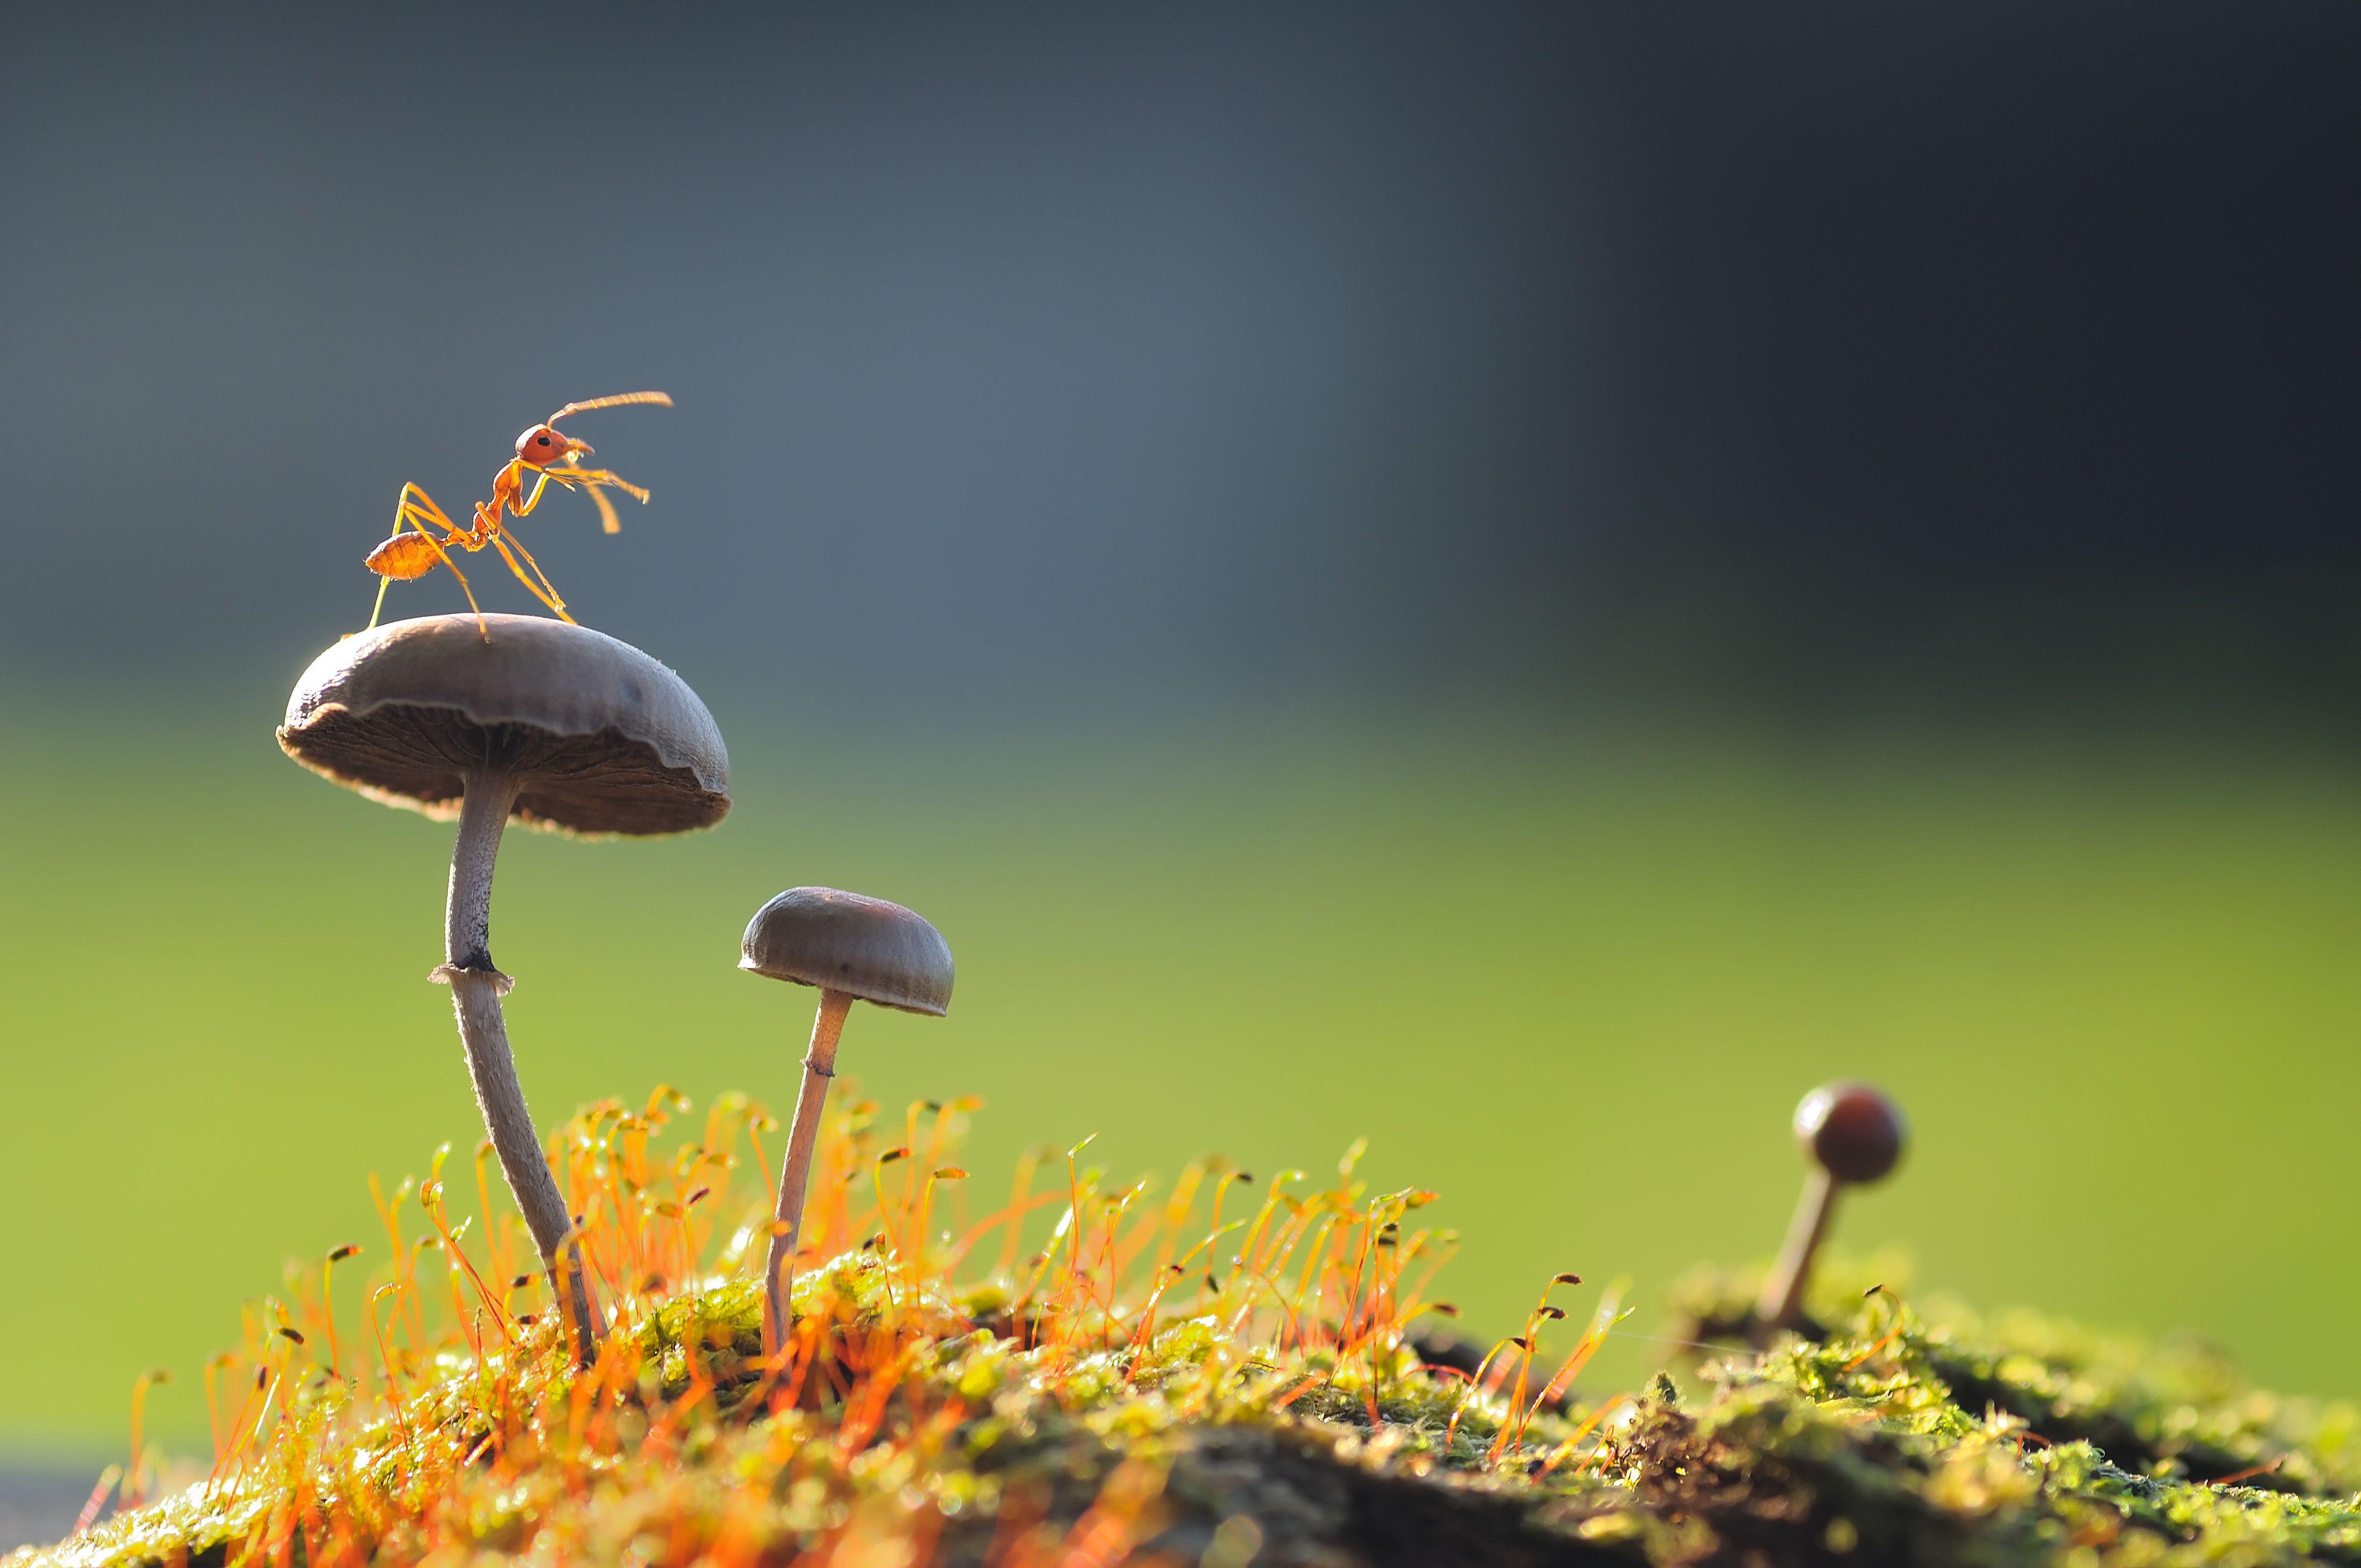 13 Amazing Antics of Ants